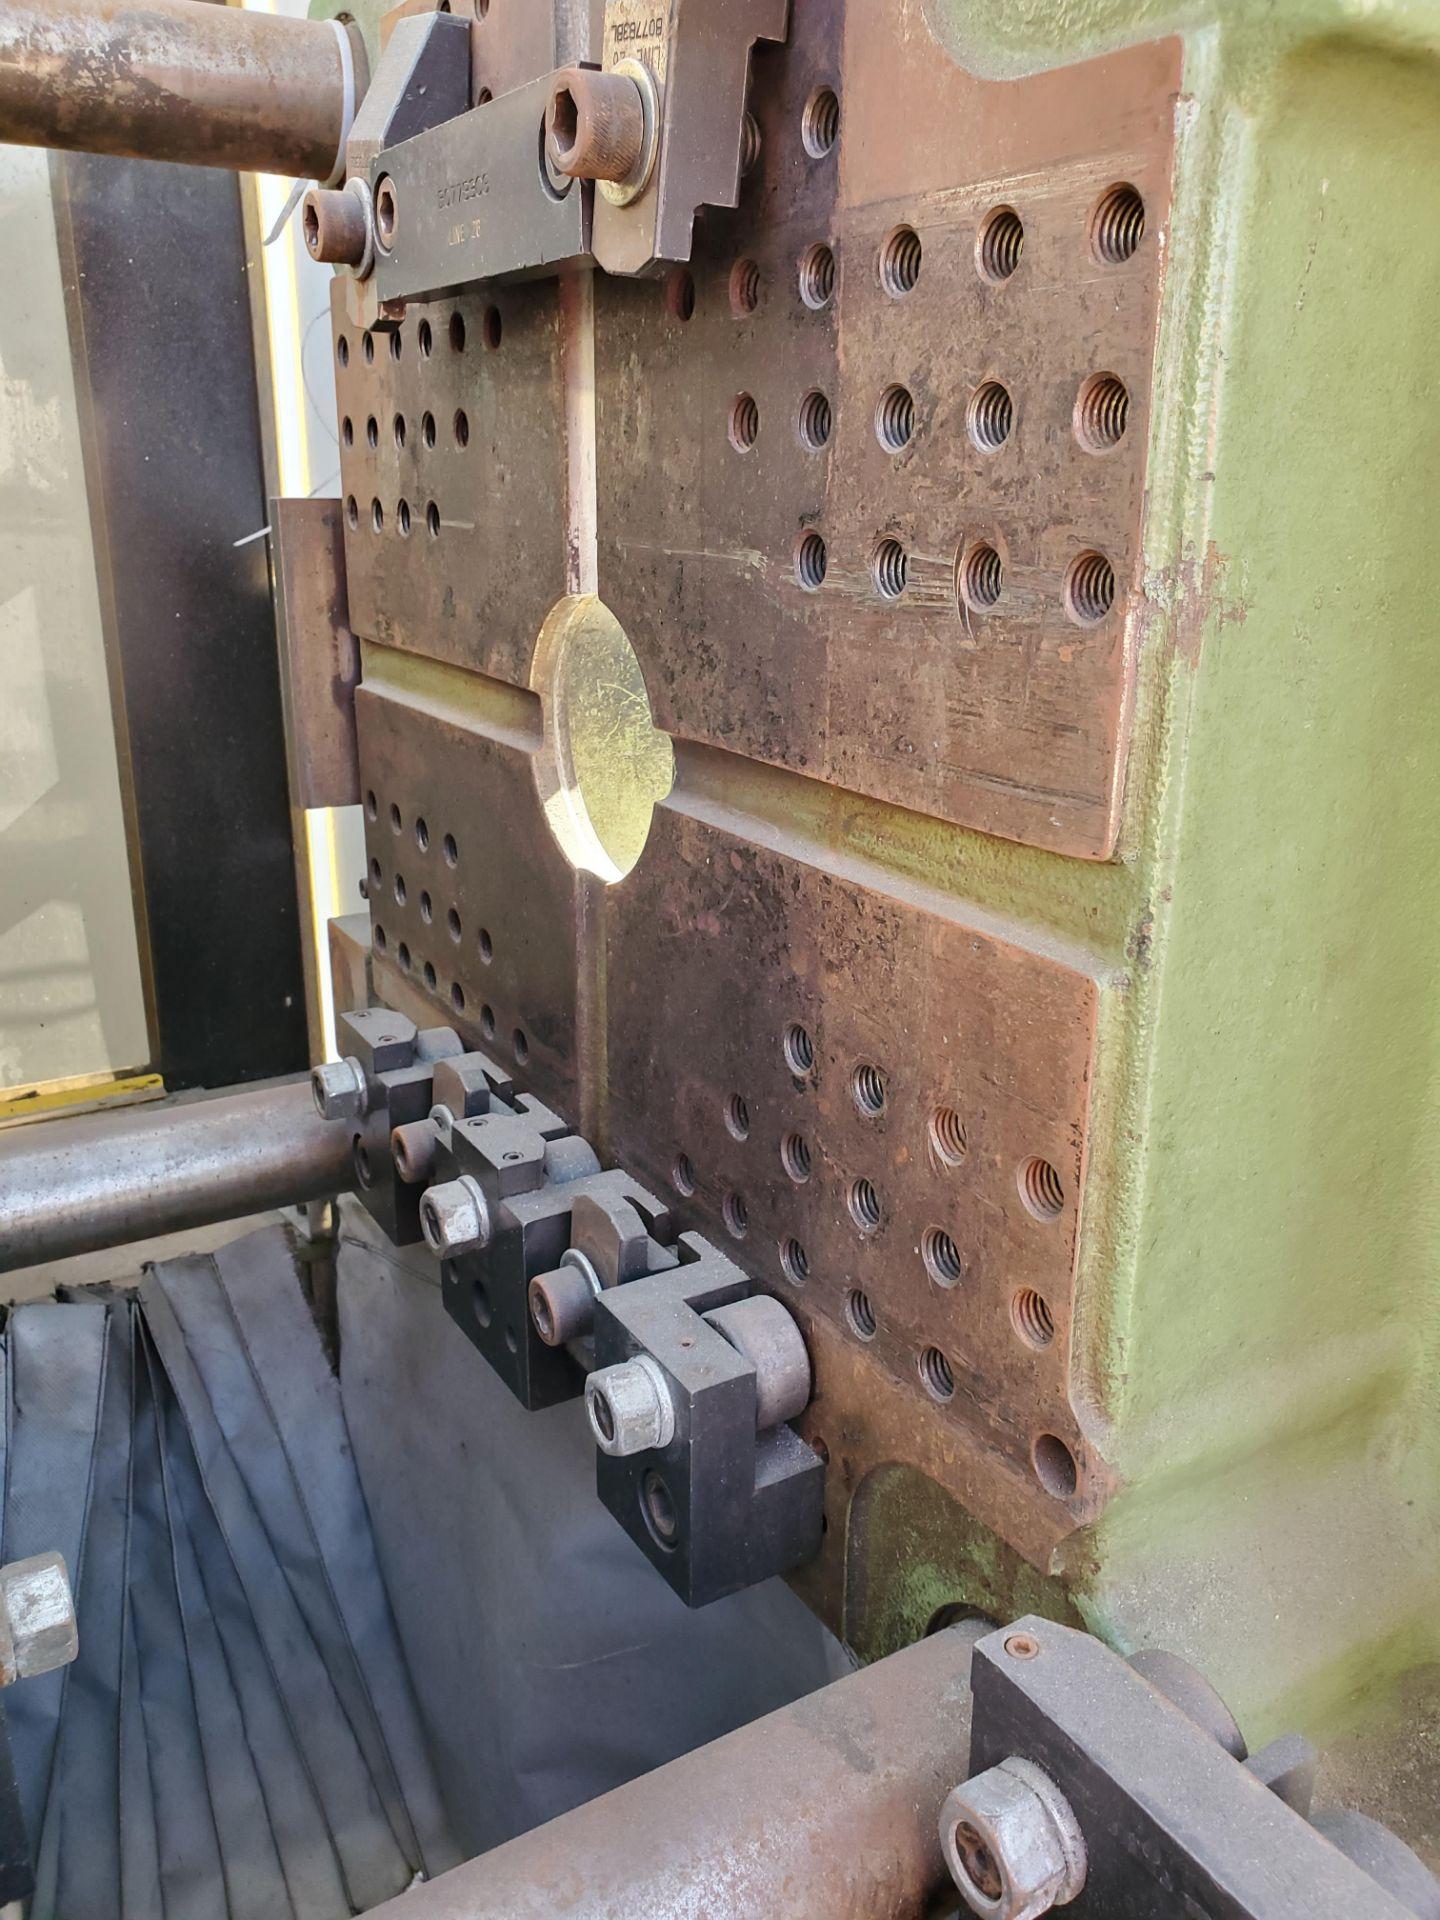 90 TON ARBURG ALLROUNDER VARIMA INJECTION MOLDING MACHINE - Image 4 of 5